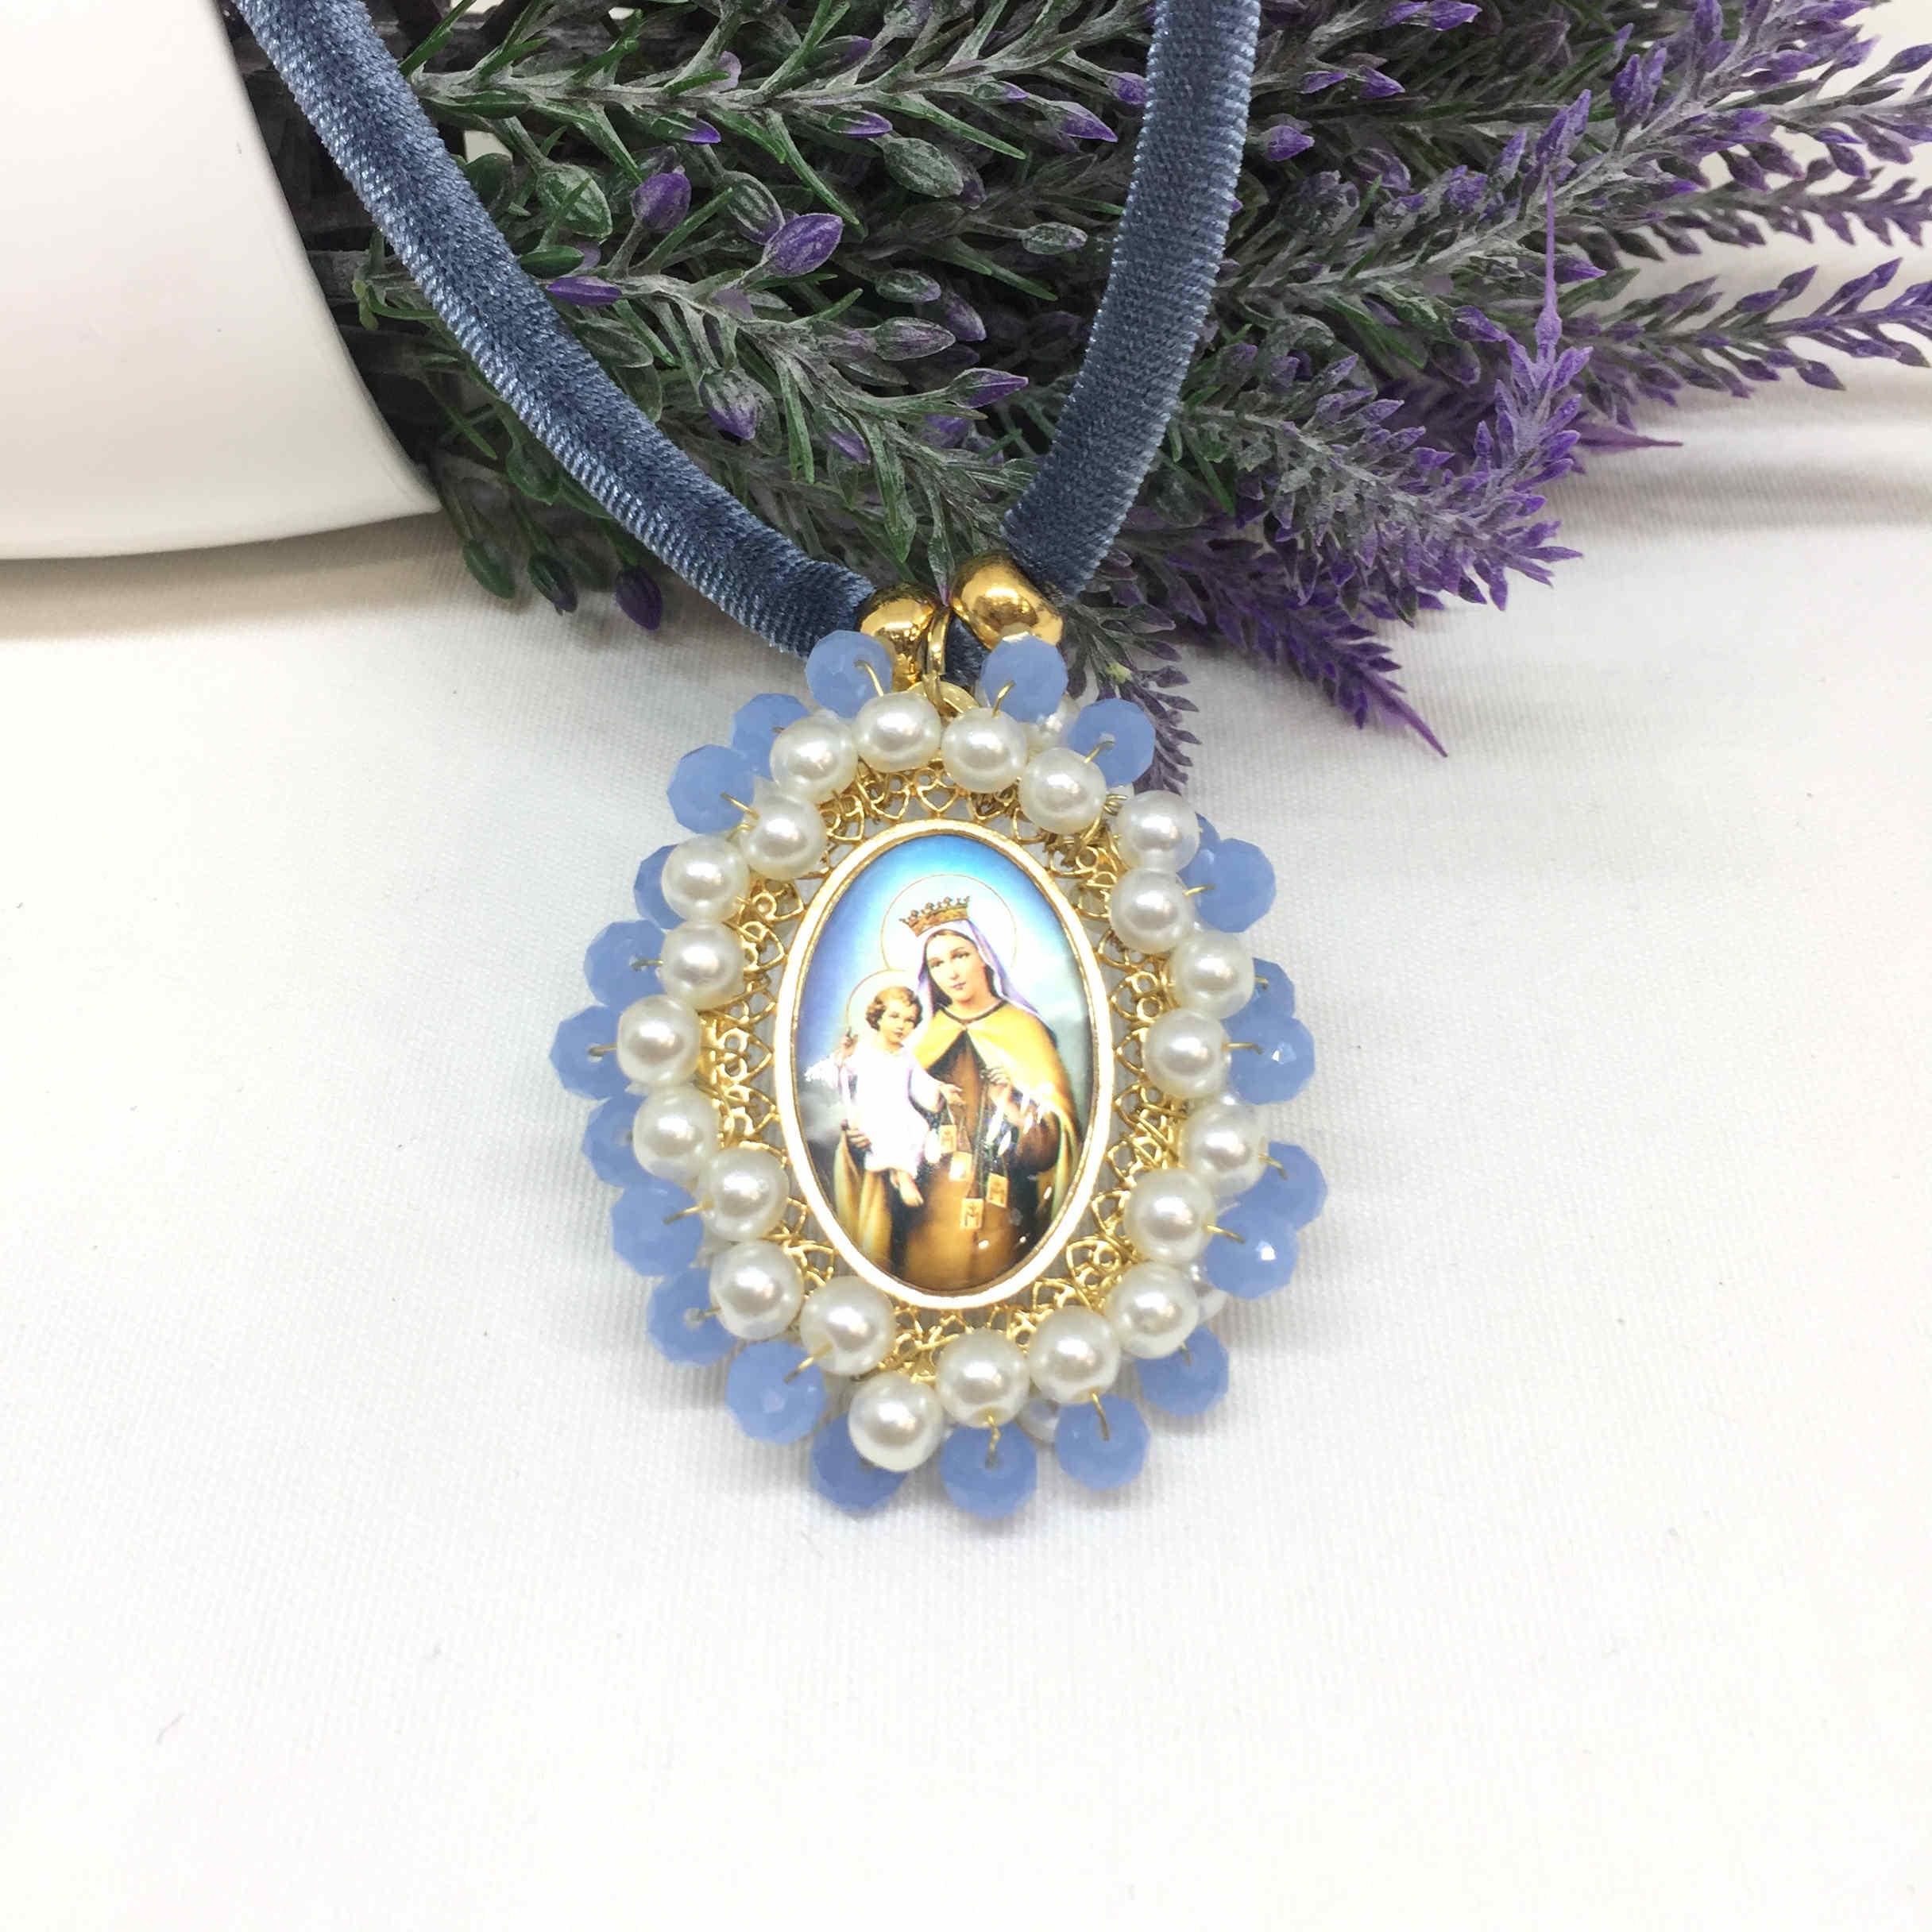 Collar medalla Virgen del Carmen con cordón.